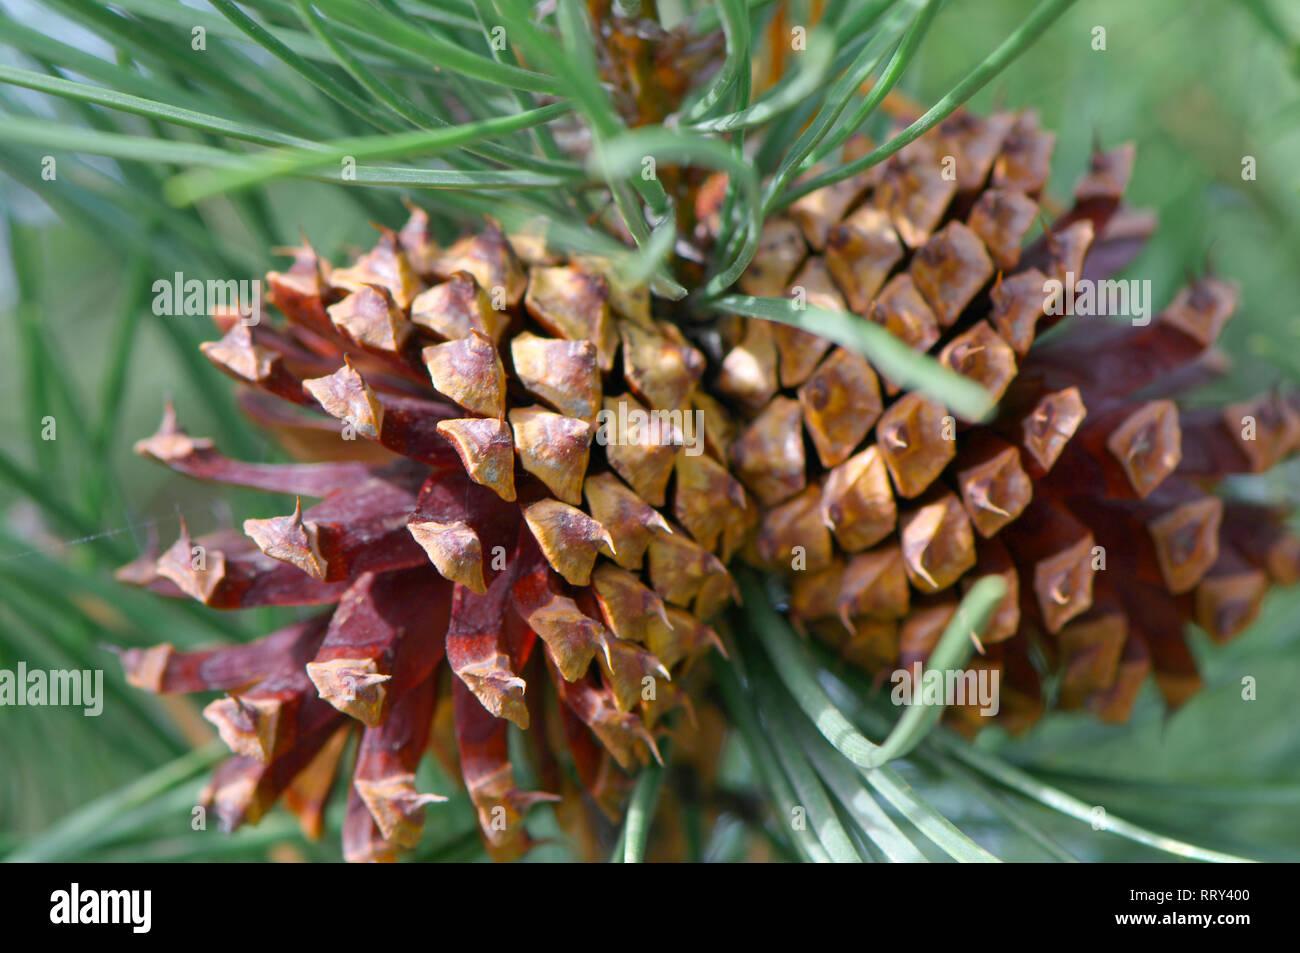 Two Ponderosa (Pinus) pine cones on the tree, - Stock Image